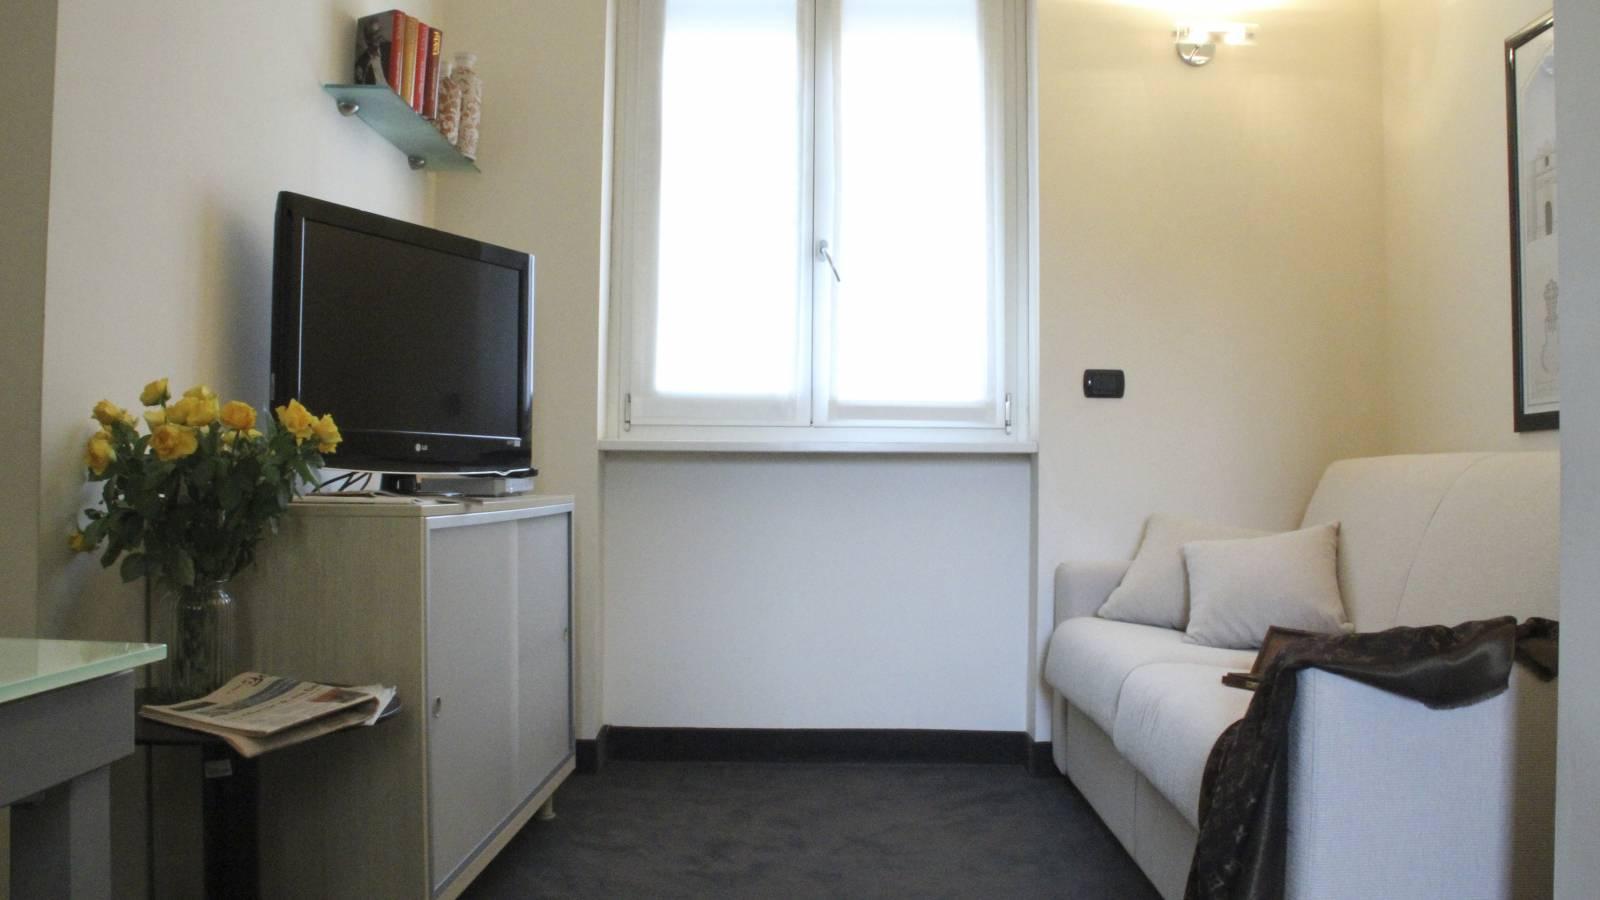 Vergani Home Divani Prezzi bel appartamento di 1 camera da letto in affitto vicino alla metropolitana  di pagano